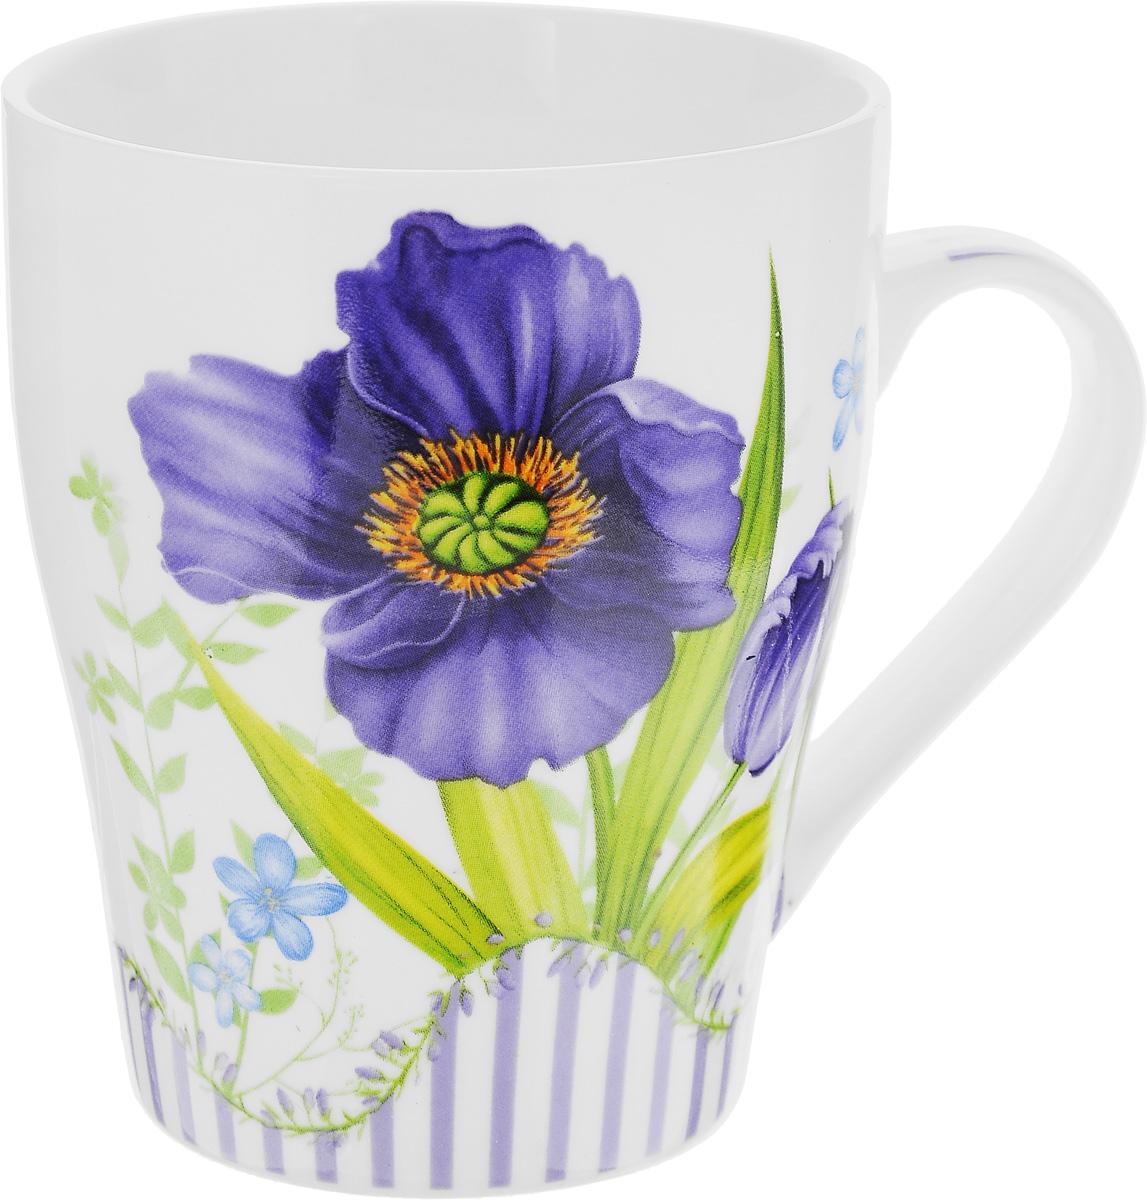 Кружка Loraine Цветок, цвет: белый, фиолетовый, зеленый, 340 мл24466_фиолетовыйКружка Loraine Цветок изготовлена из высококачественного фарфора. Изделие оформлено изображением цветов. Такая кружка станет приятным сувениром и обязательно порадует вас и ваших близких. Объем: 340 мл. Диаметр кружки (по верхнему краю): 8 см. Высота кружки: 10 см.